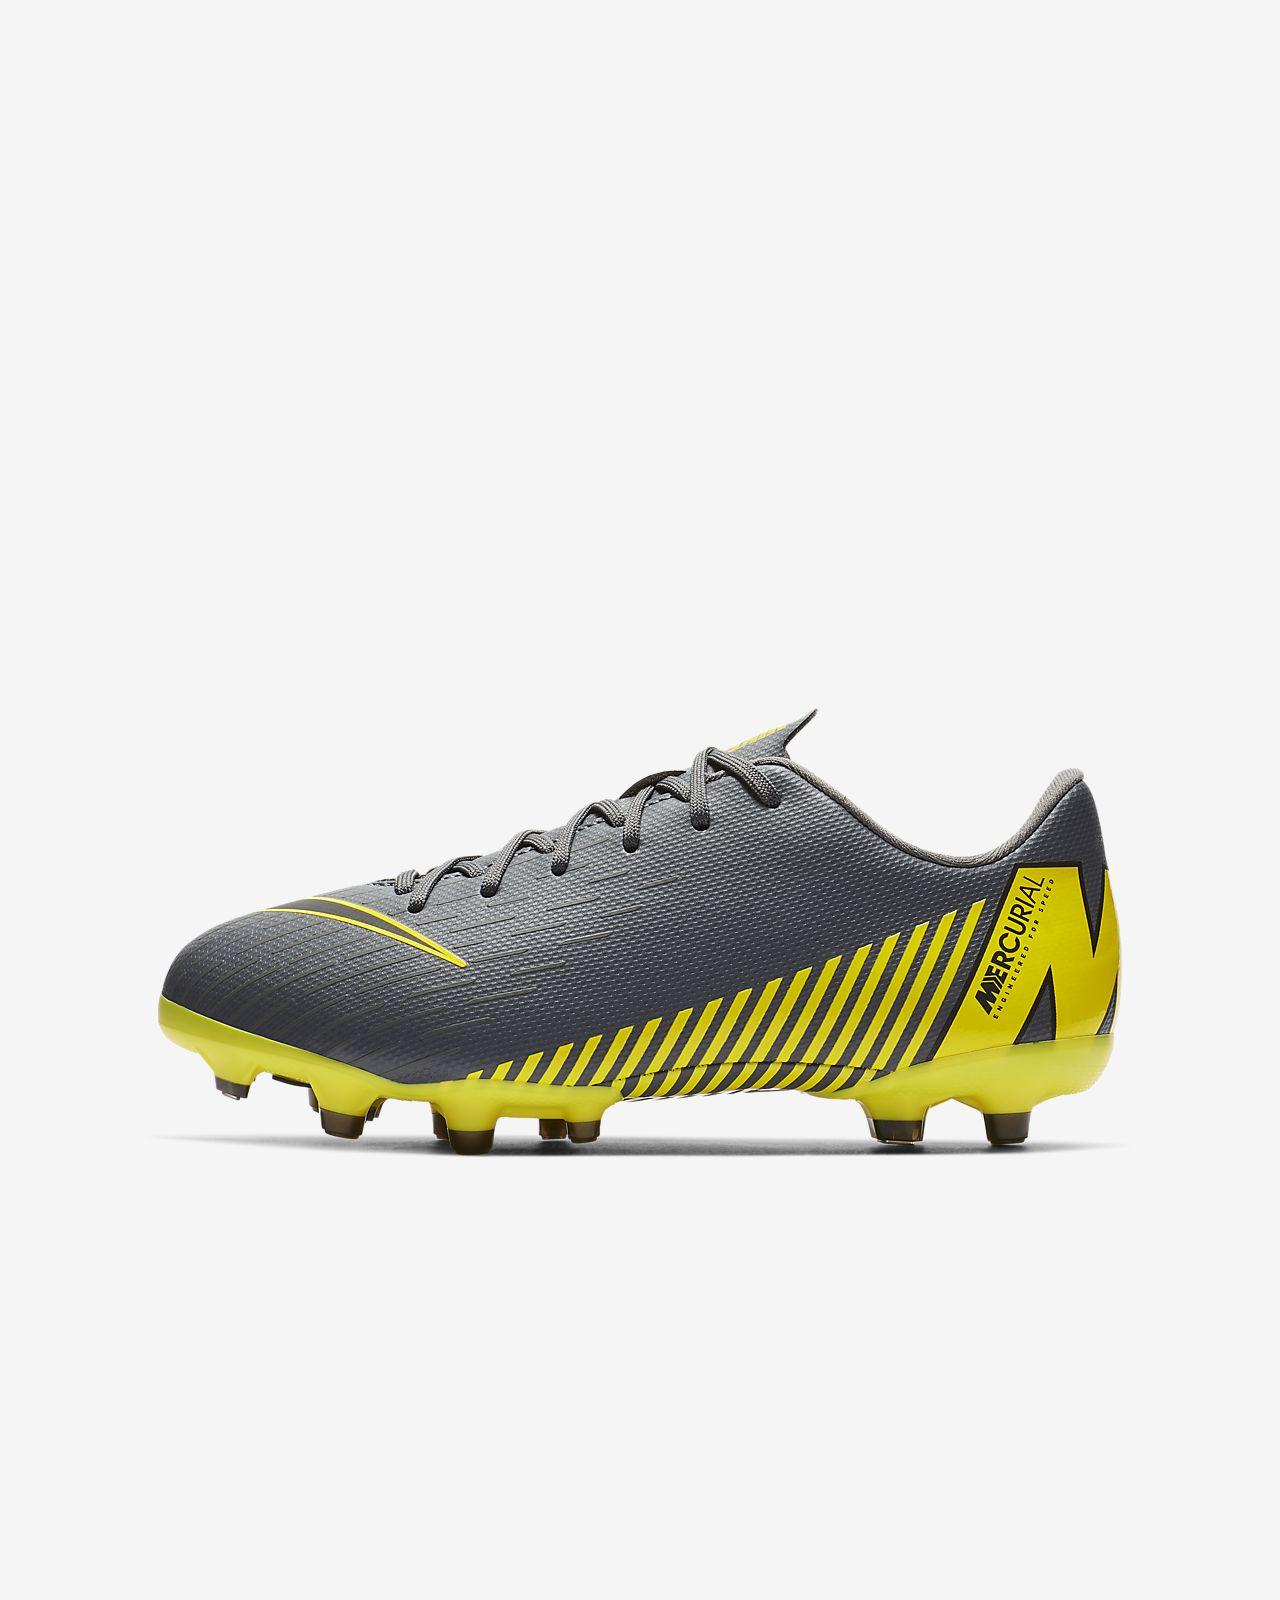 wholesale dealer 06843 5764a Nike Jr. Mercurial Vapor XII Academy Voetbalschoen voor kleuterskids  (meerdere ondergronden)